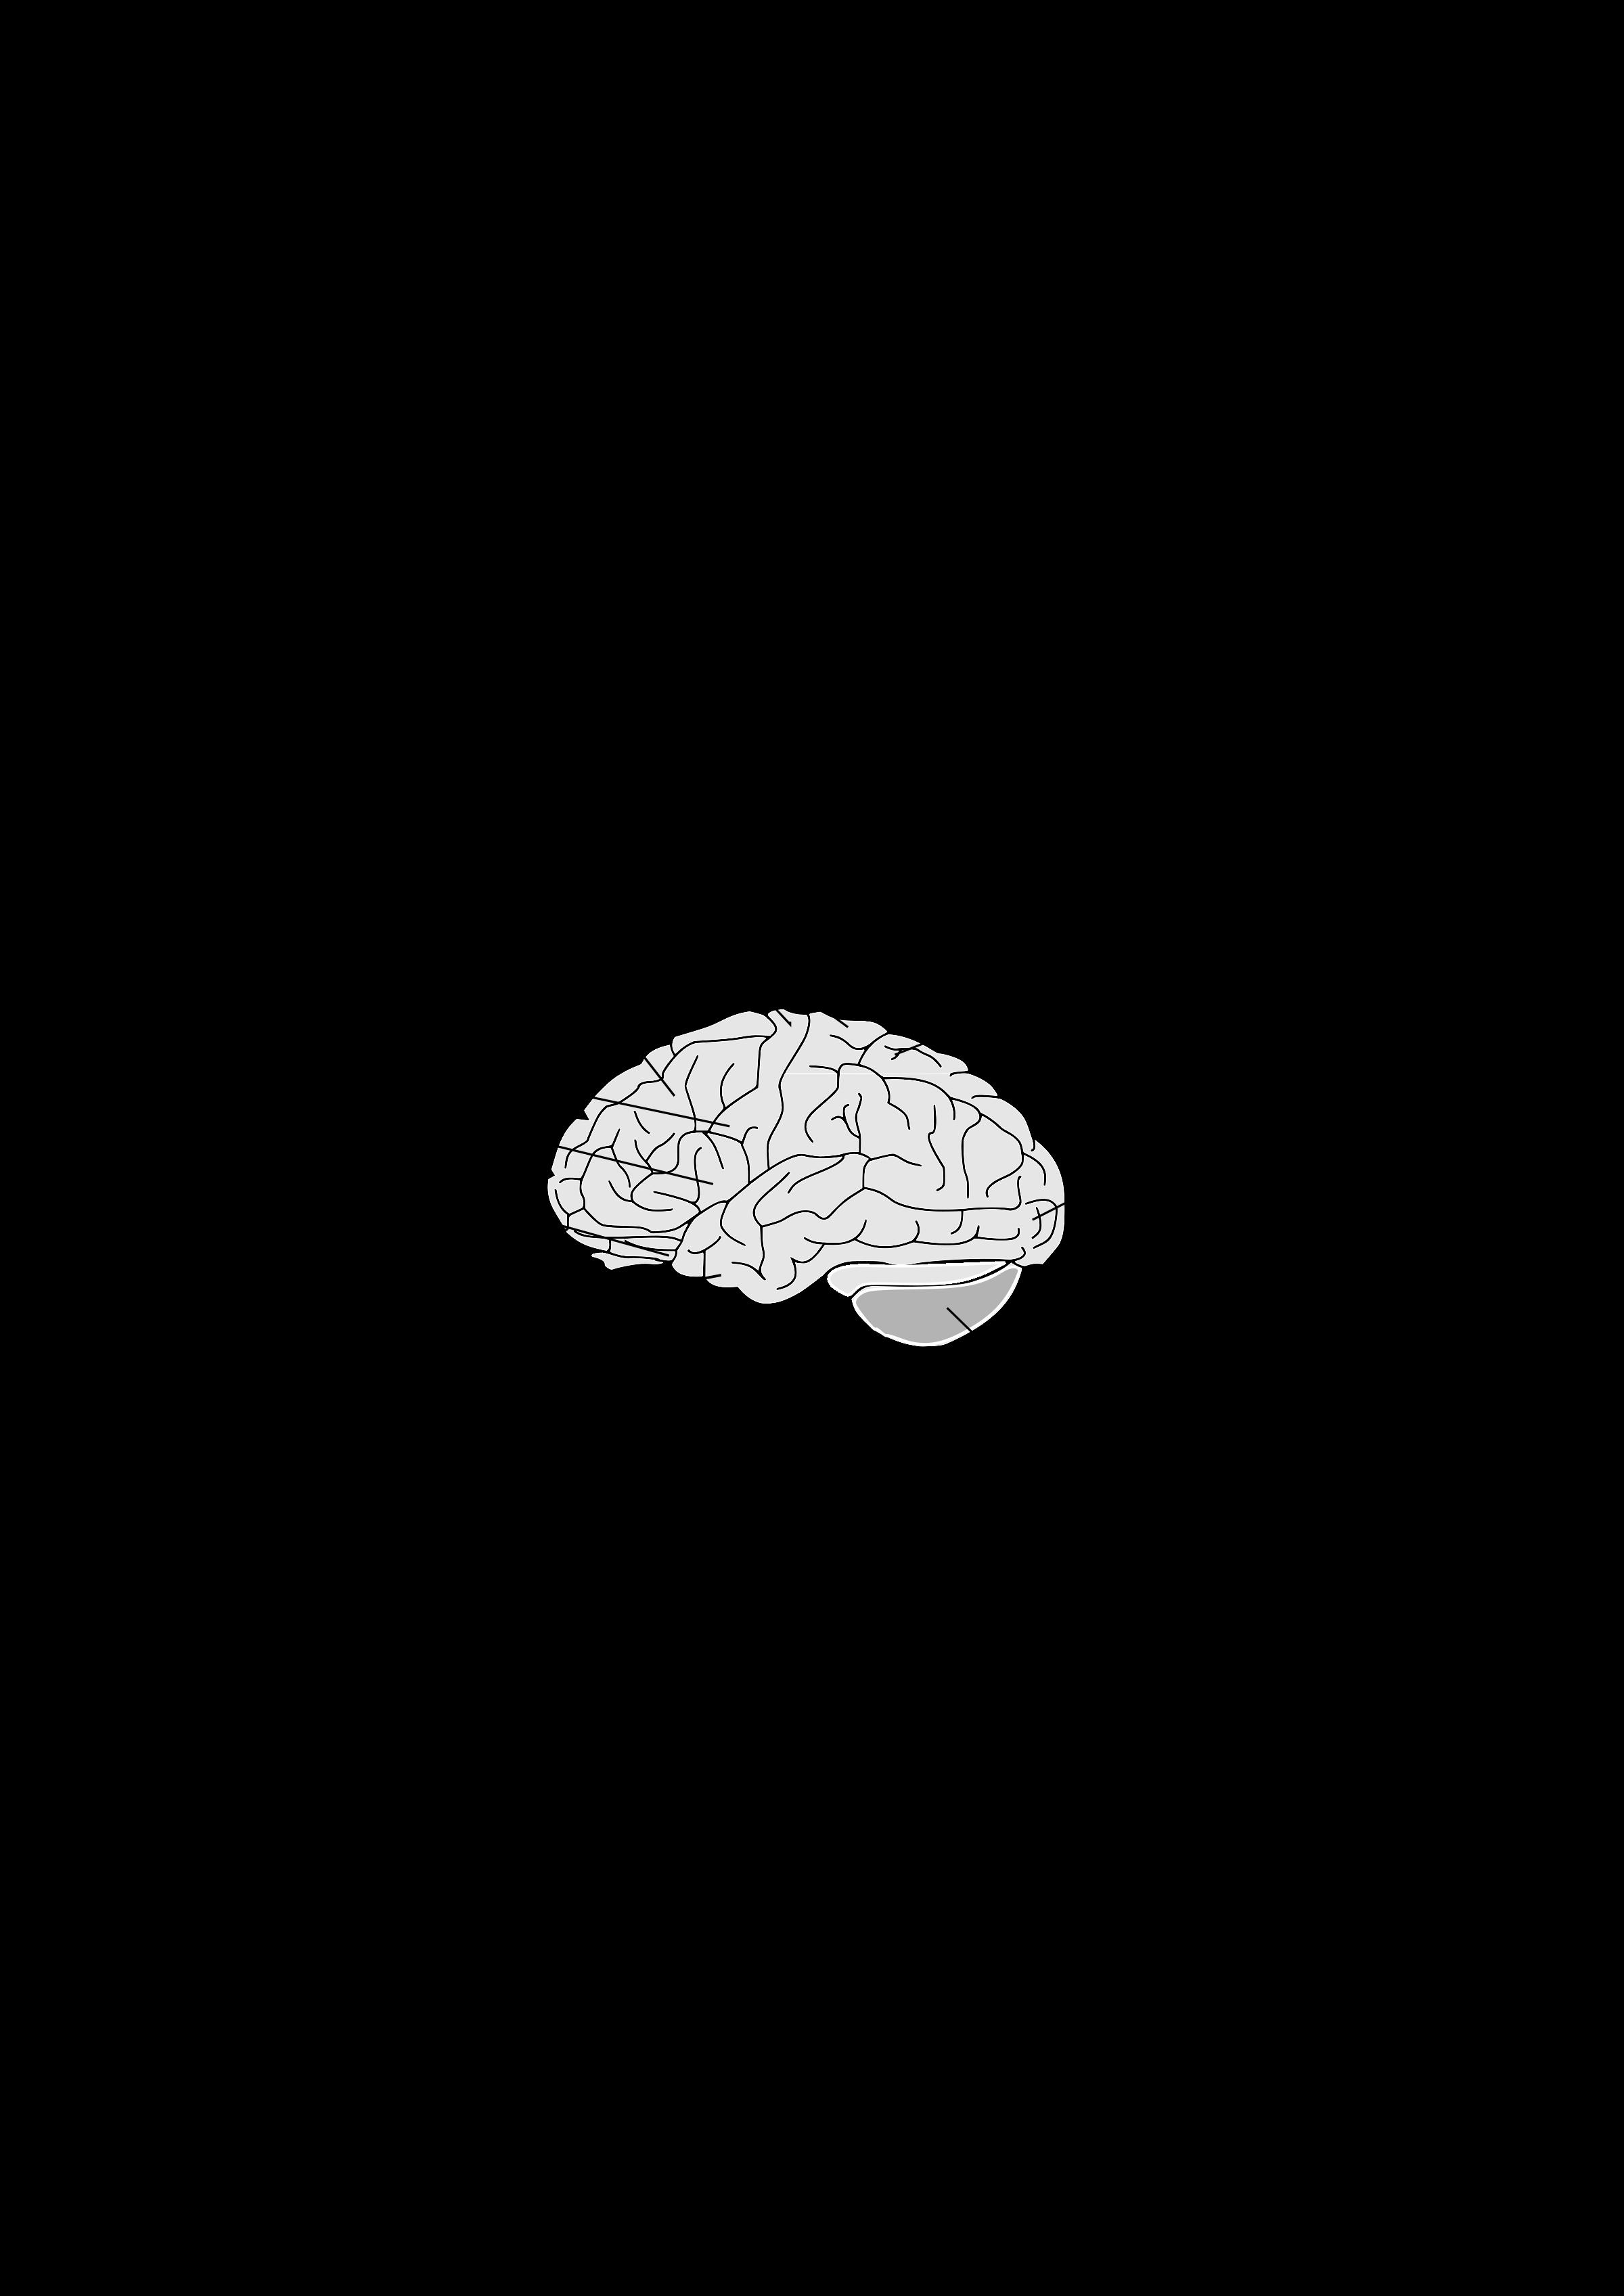 Human brain big image. Taste clipart area